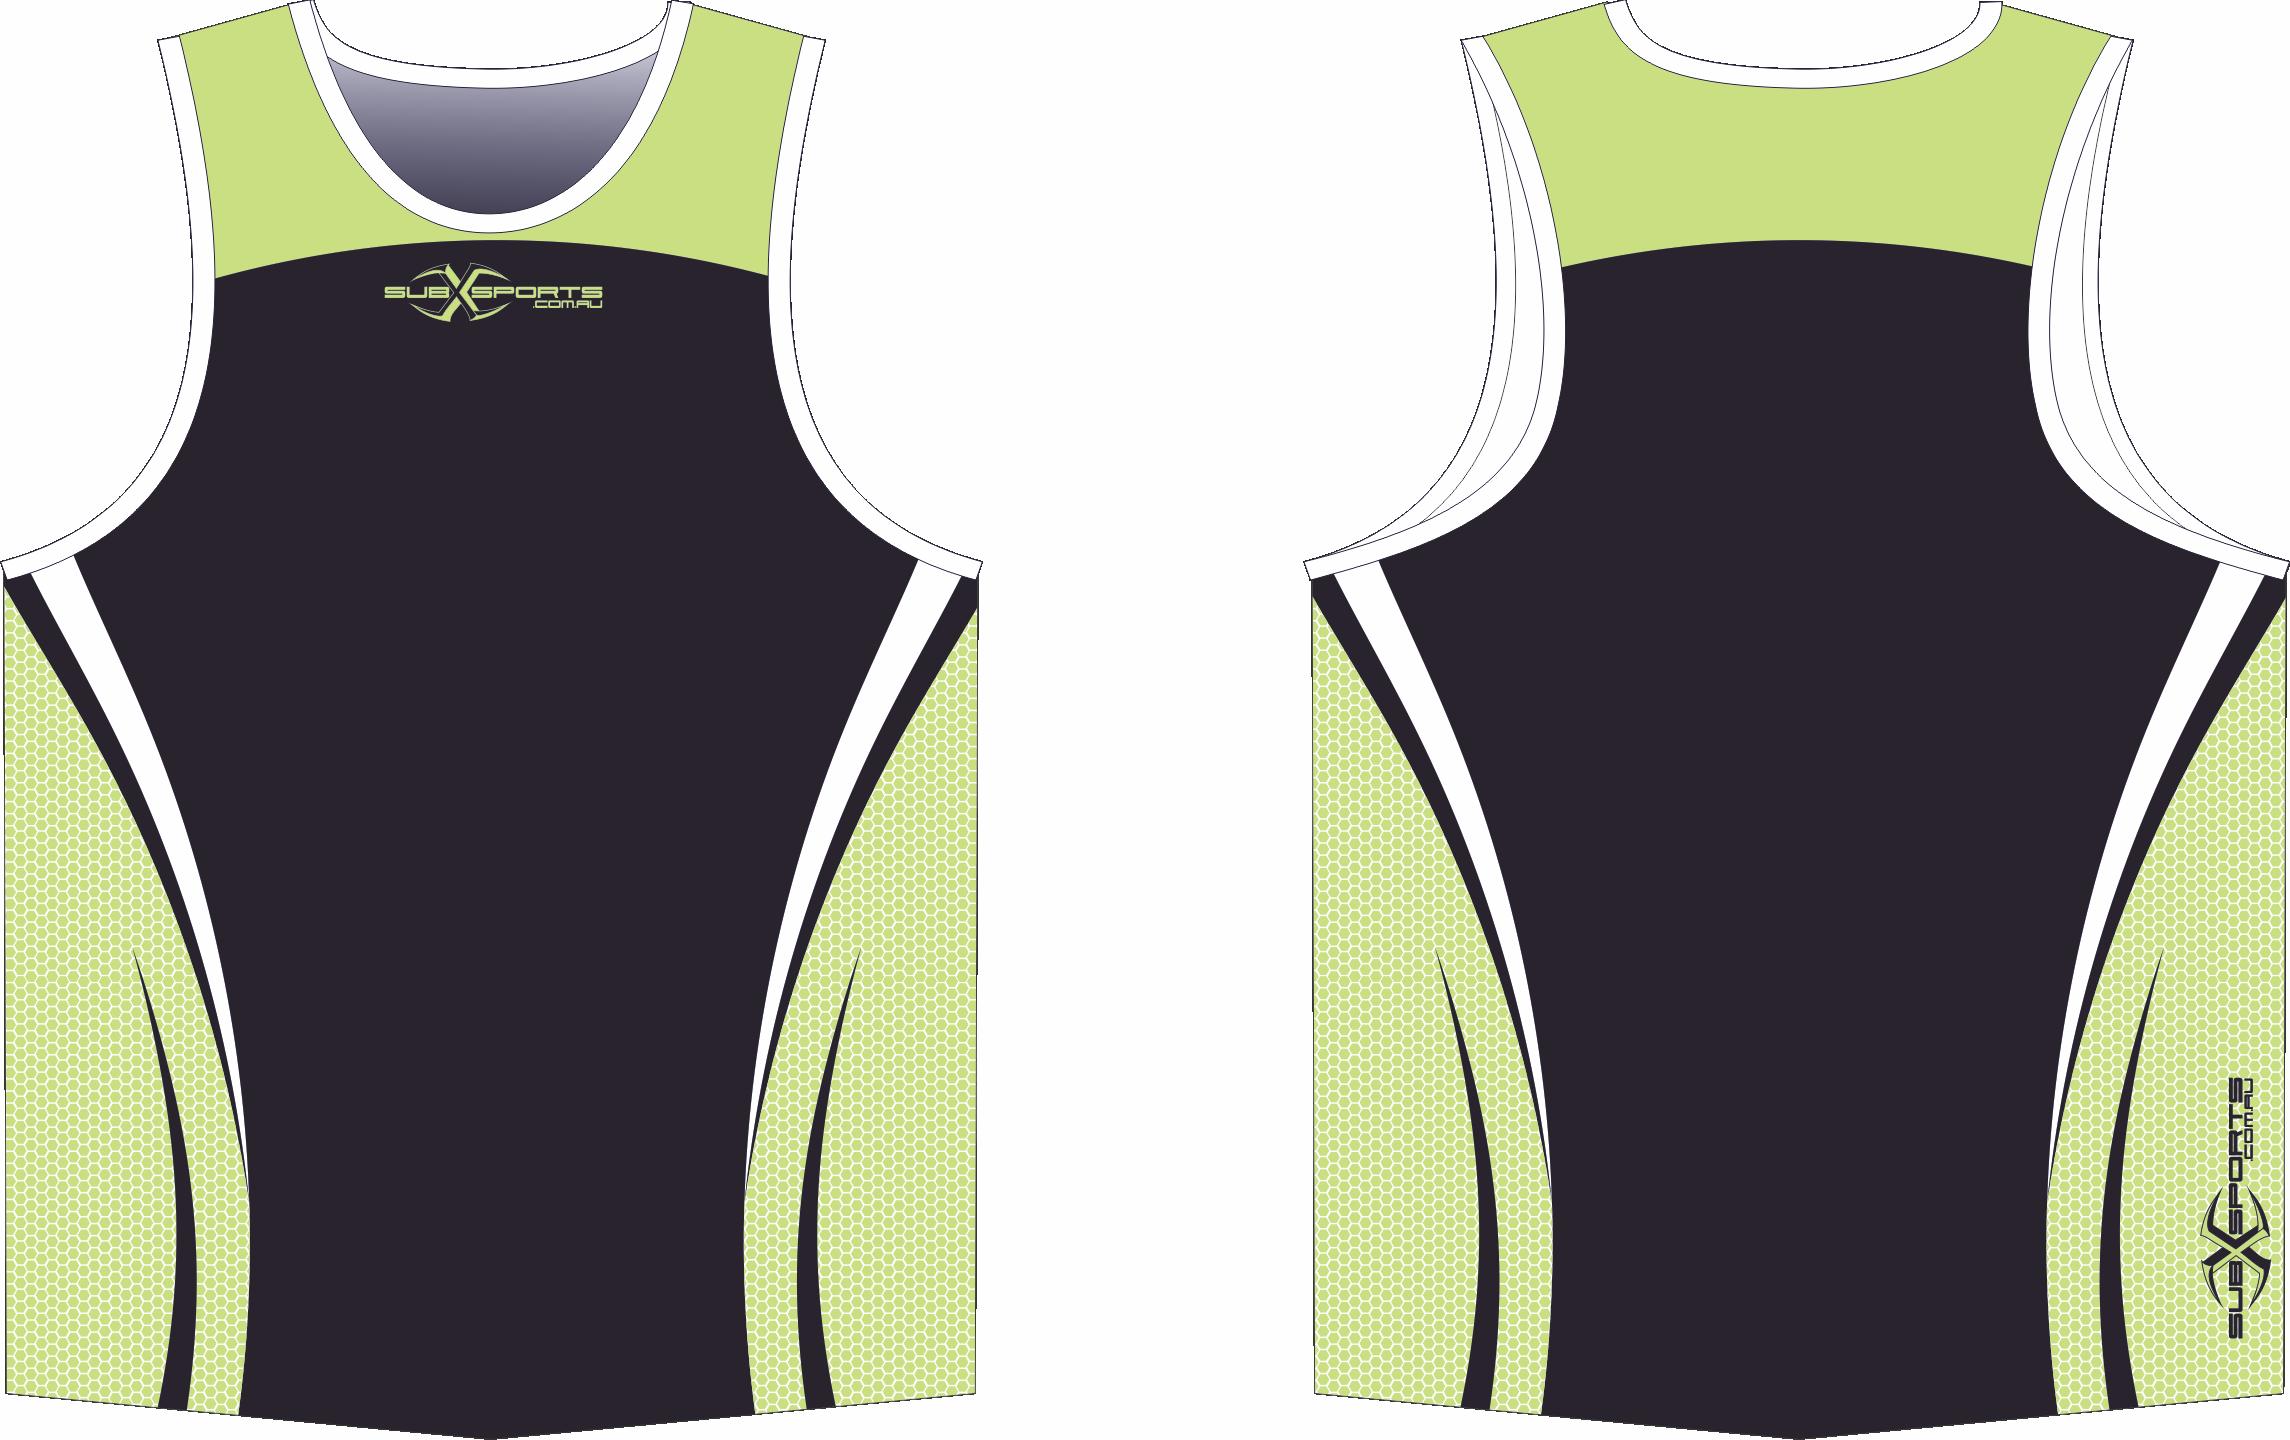 X302XS Black Lime White.png